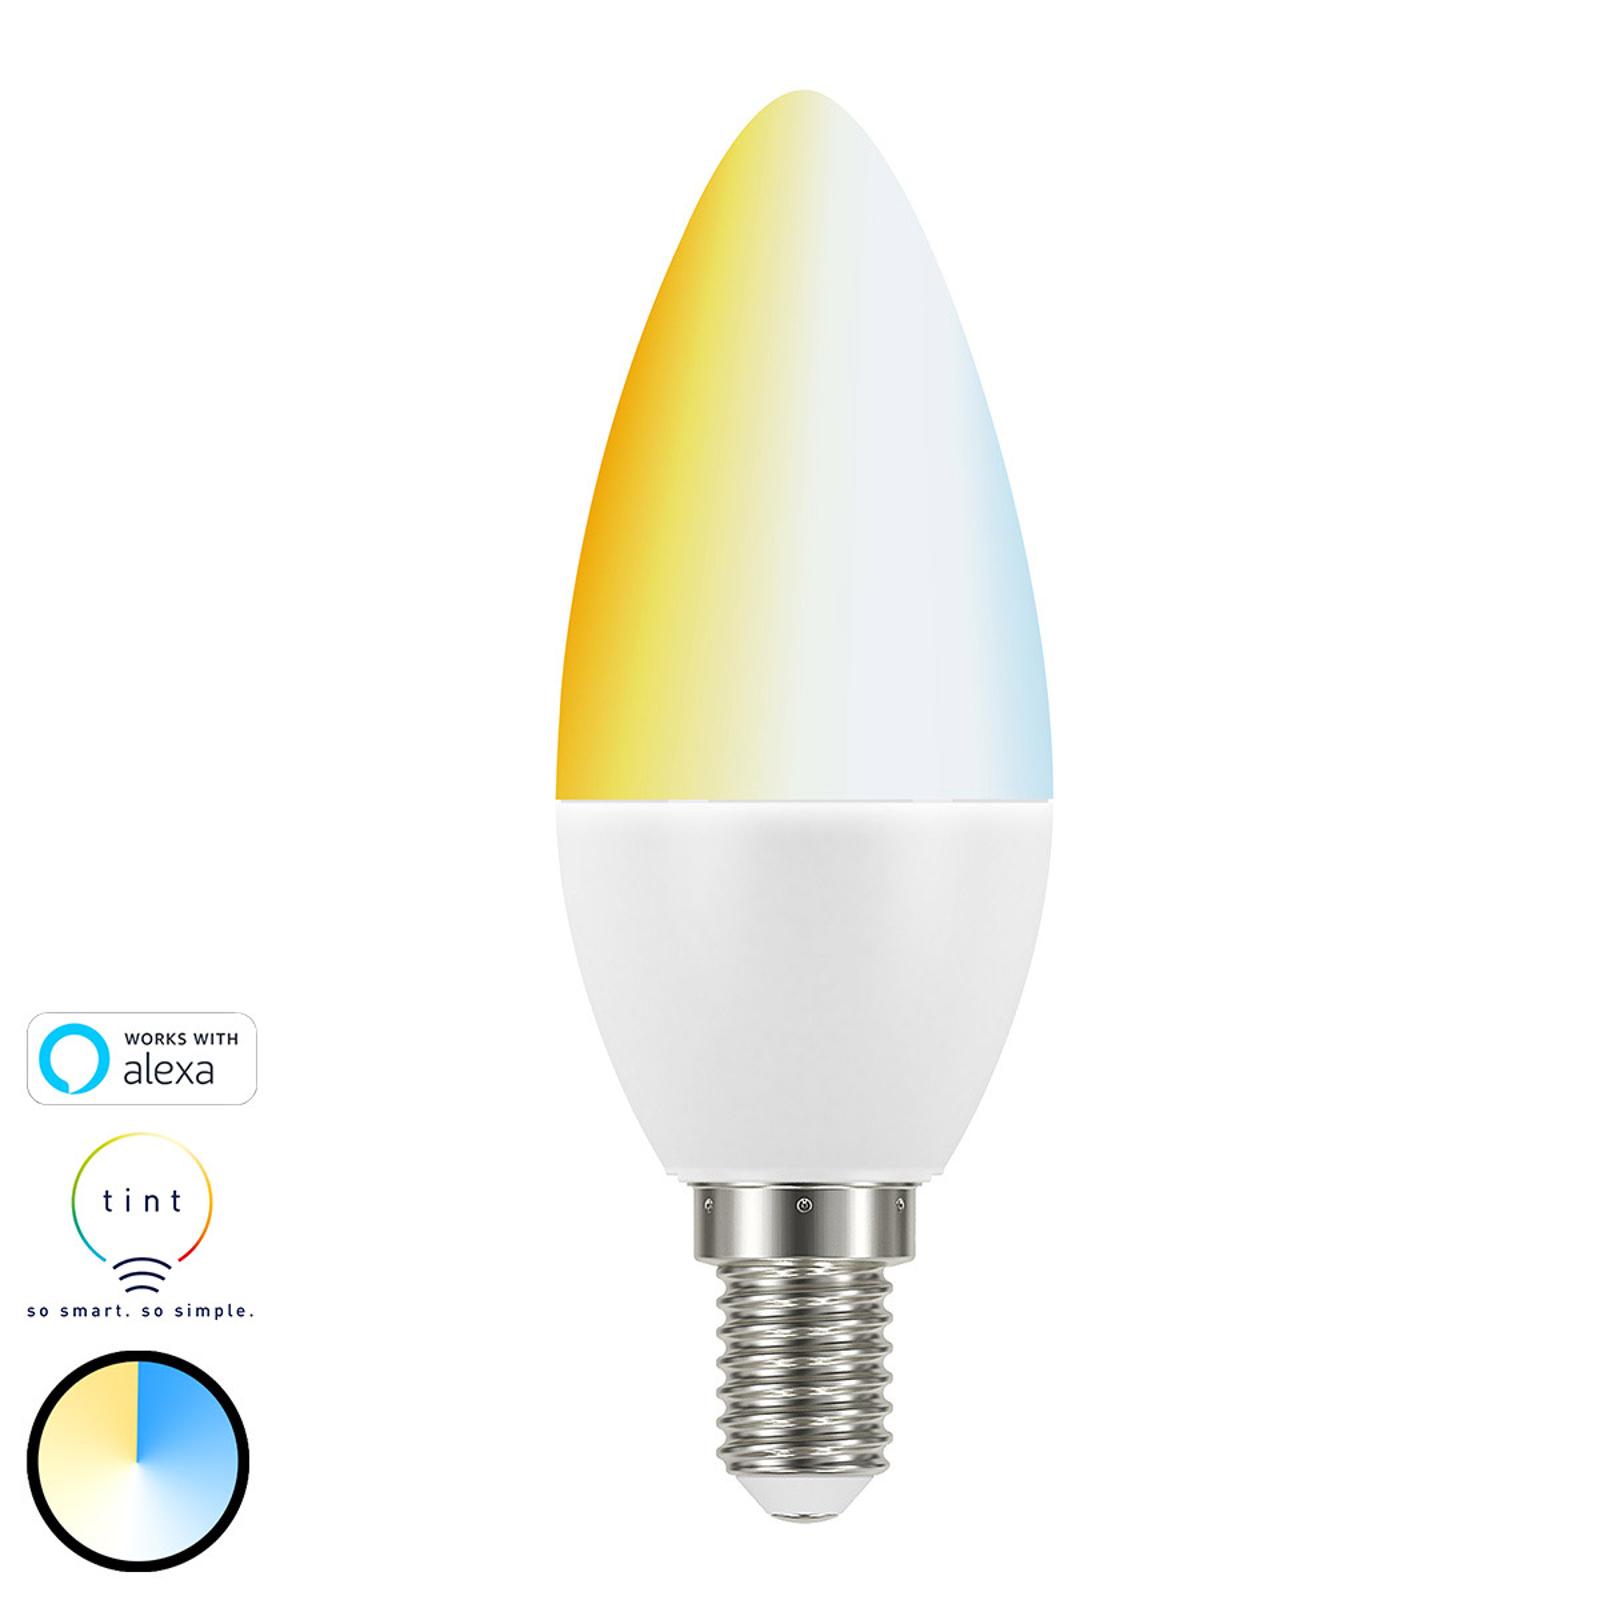 Müller Licht tint white LED-Kerzenlampe E14 5,8W